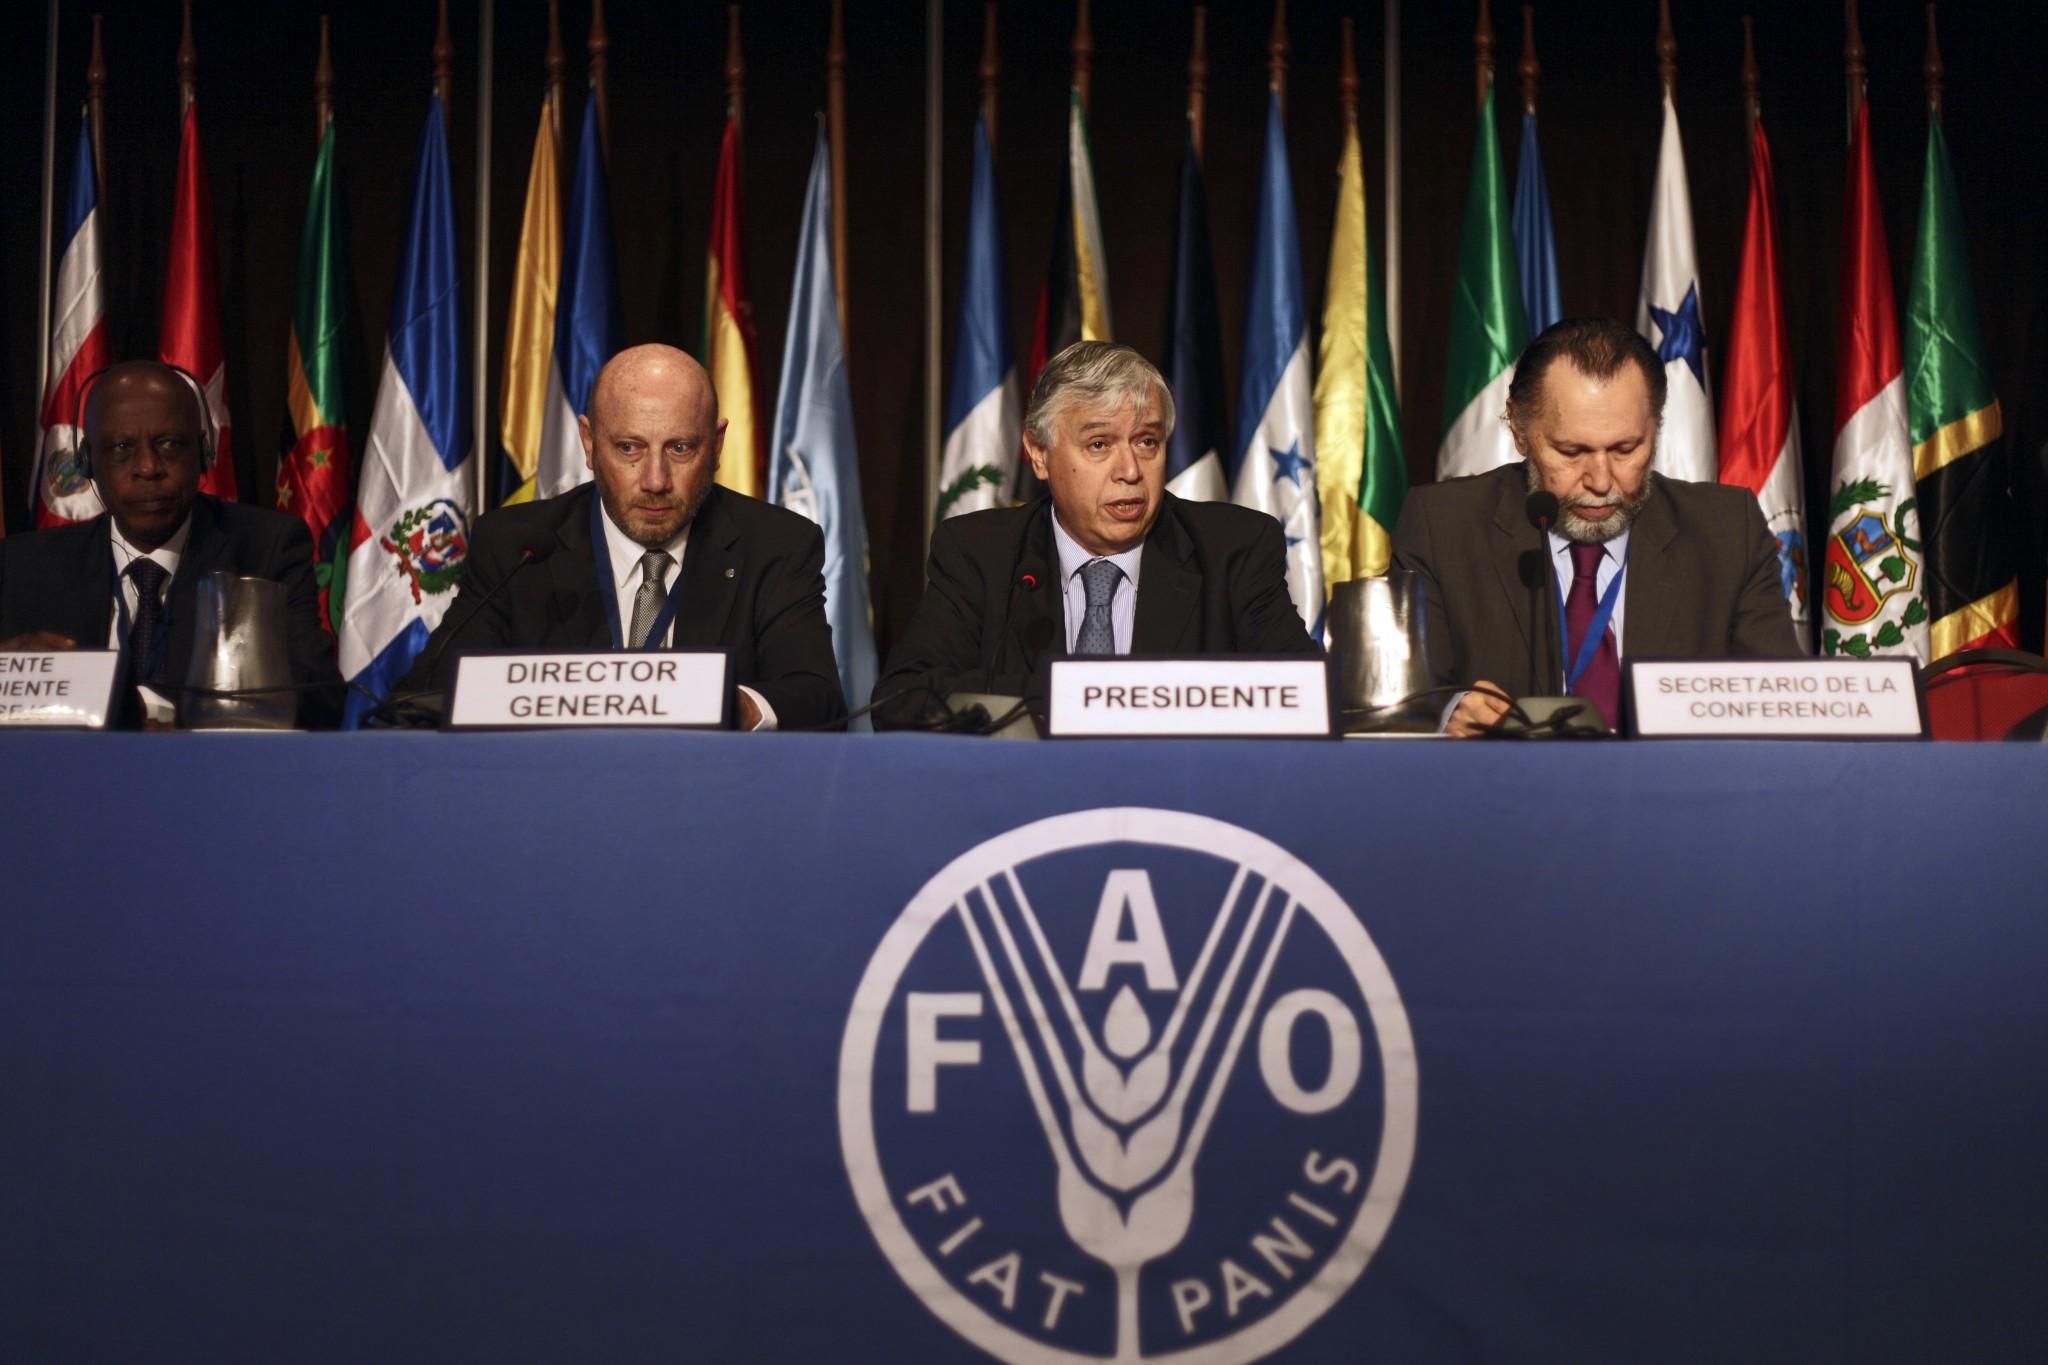 Furche asume presidencia del Consejo Regional de la FAO